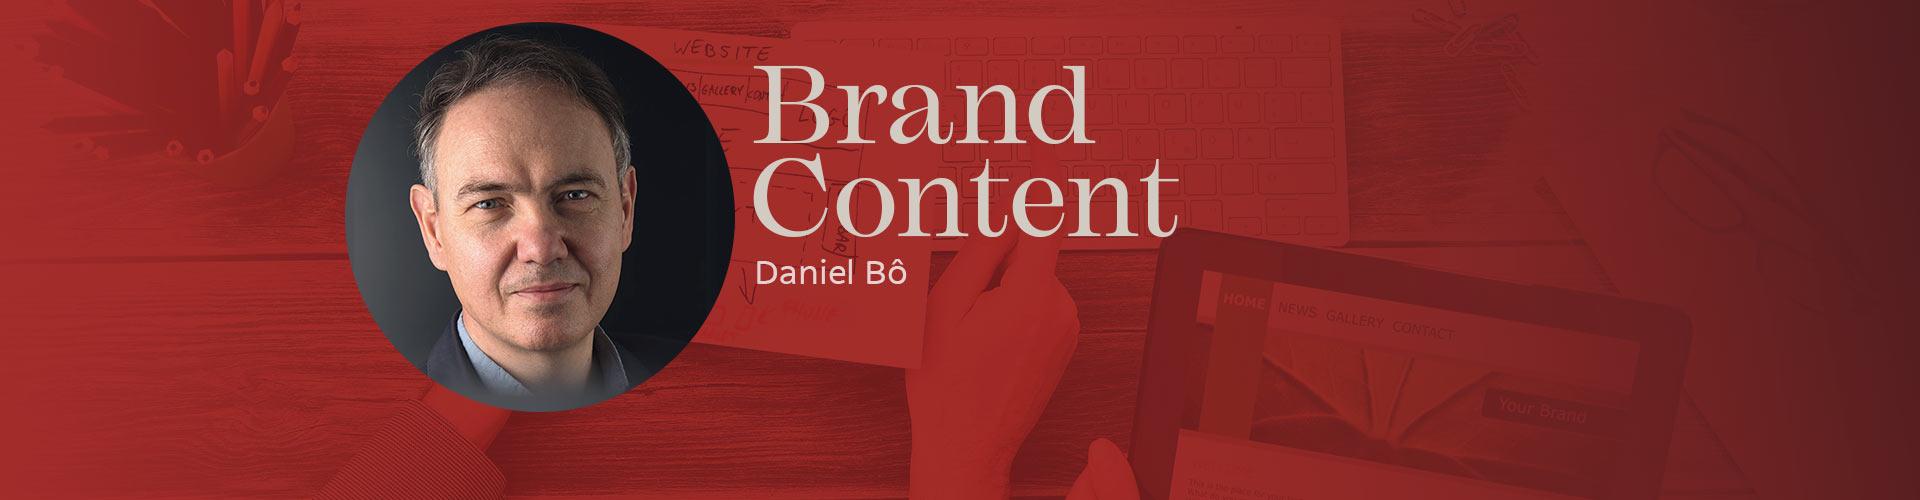 Brand Content : découvrez l'ouvrage de Daniel Bô